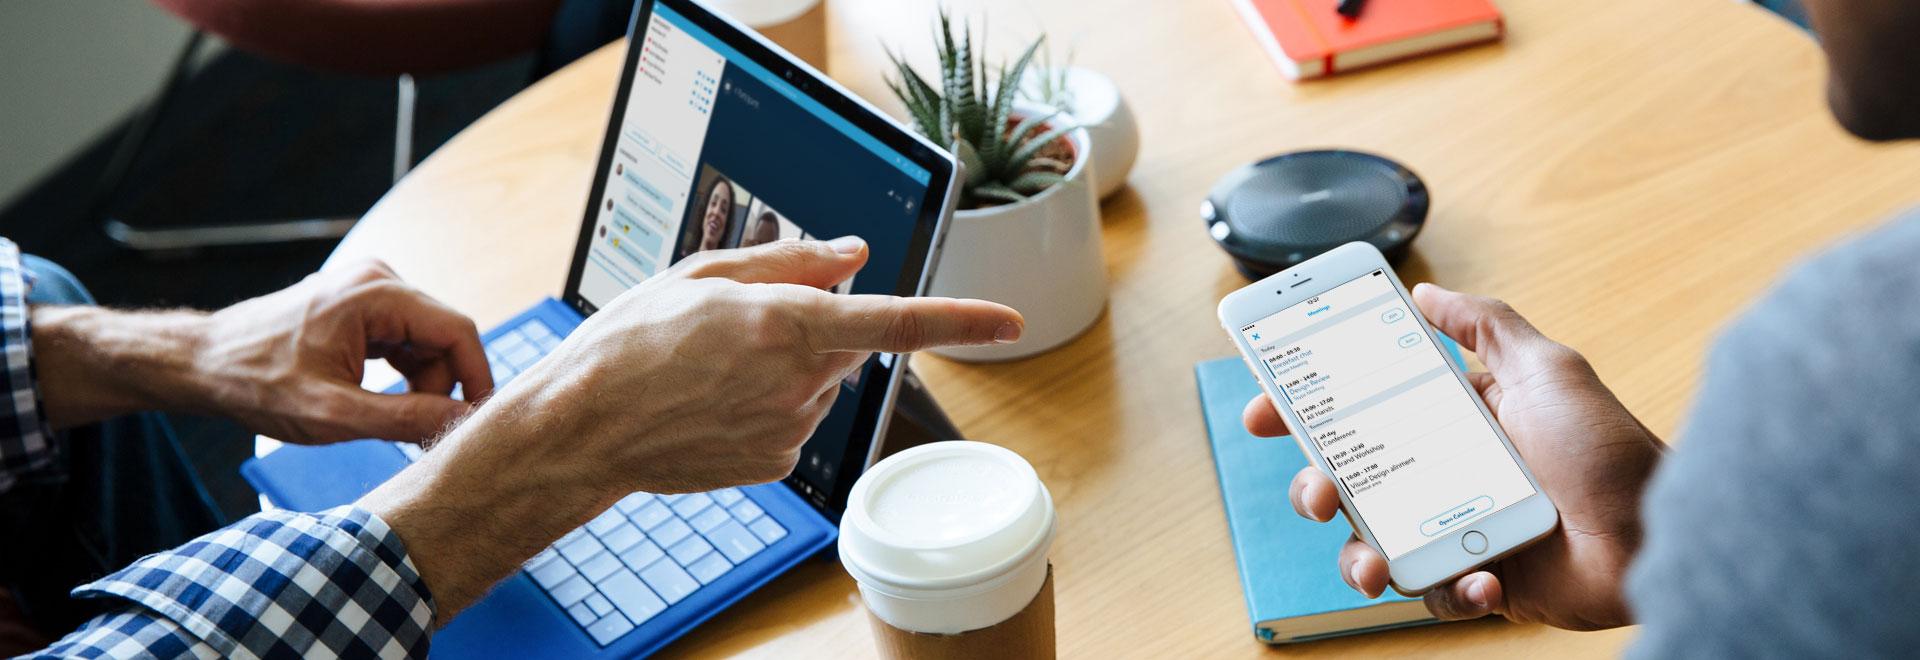 Два человека работают за столом: один на телефоне, а другой на ноутбуке в Skype для бизнеса.